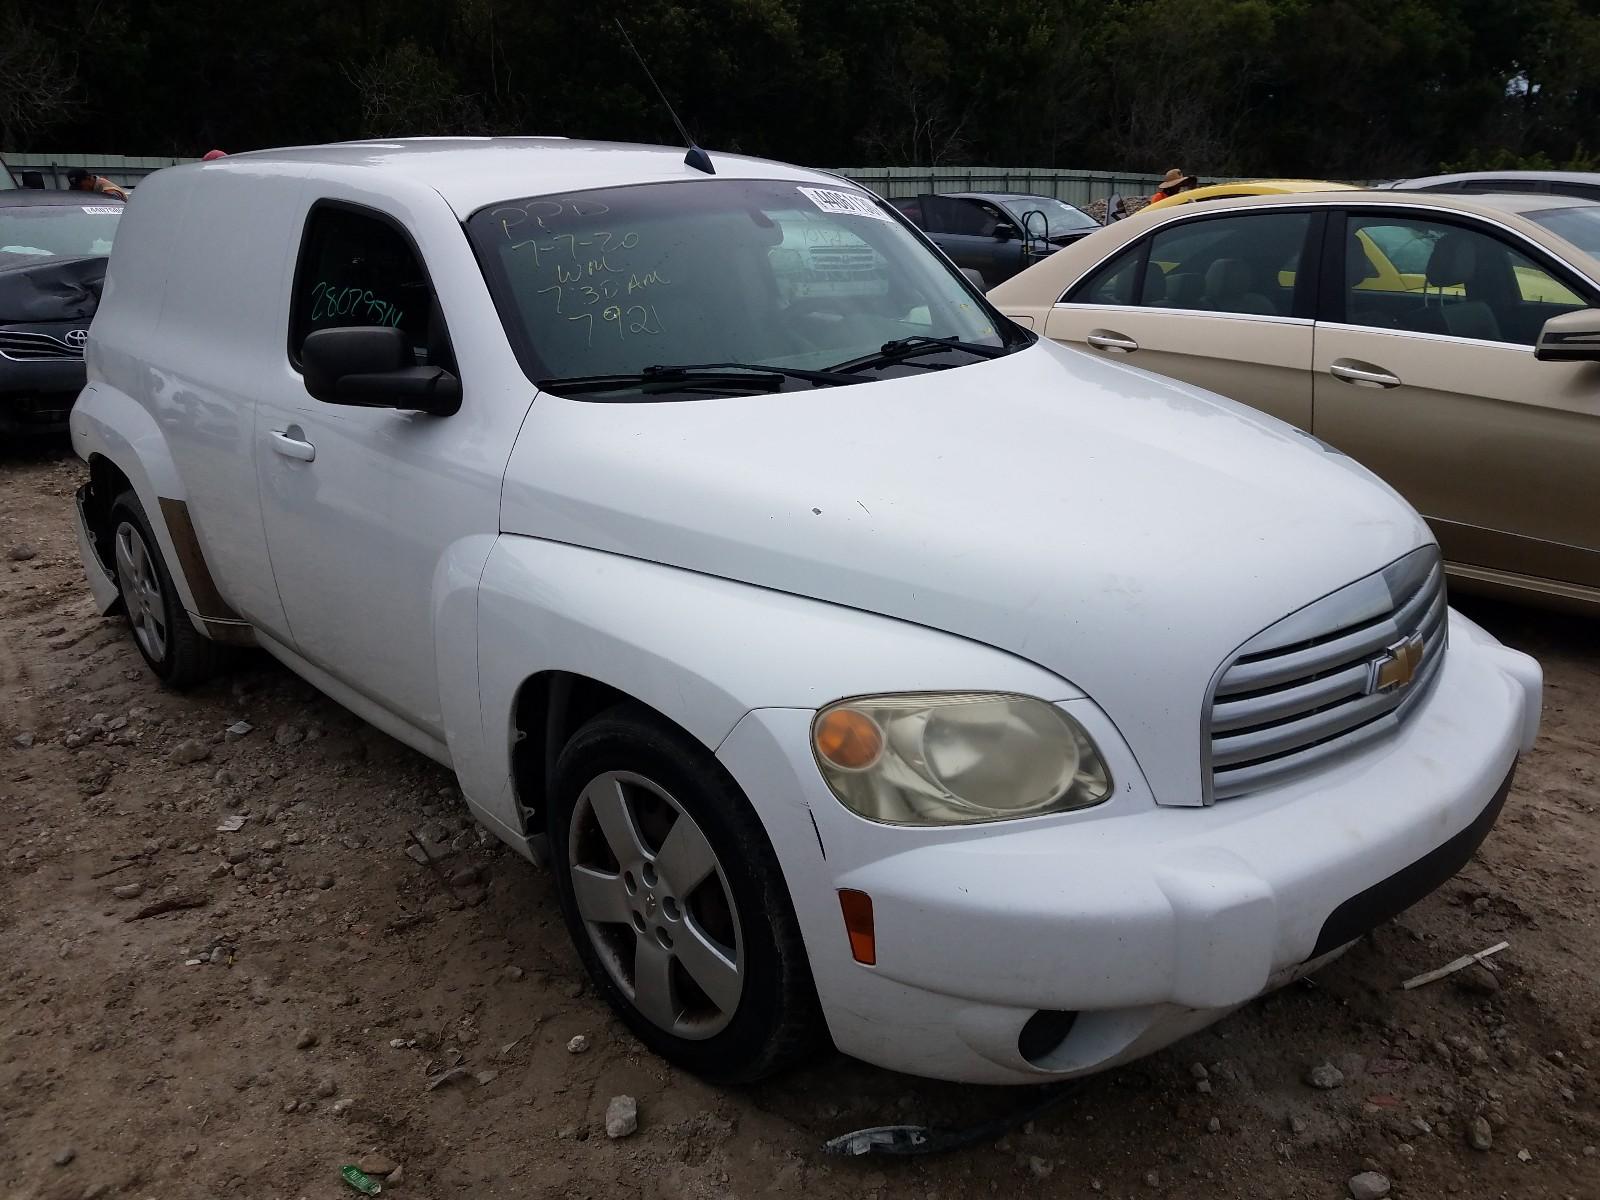 2011 Chevrolet Hhr Panel For Sale At Copart Riverview Fl Lot